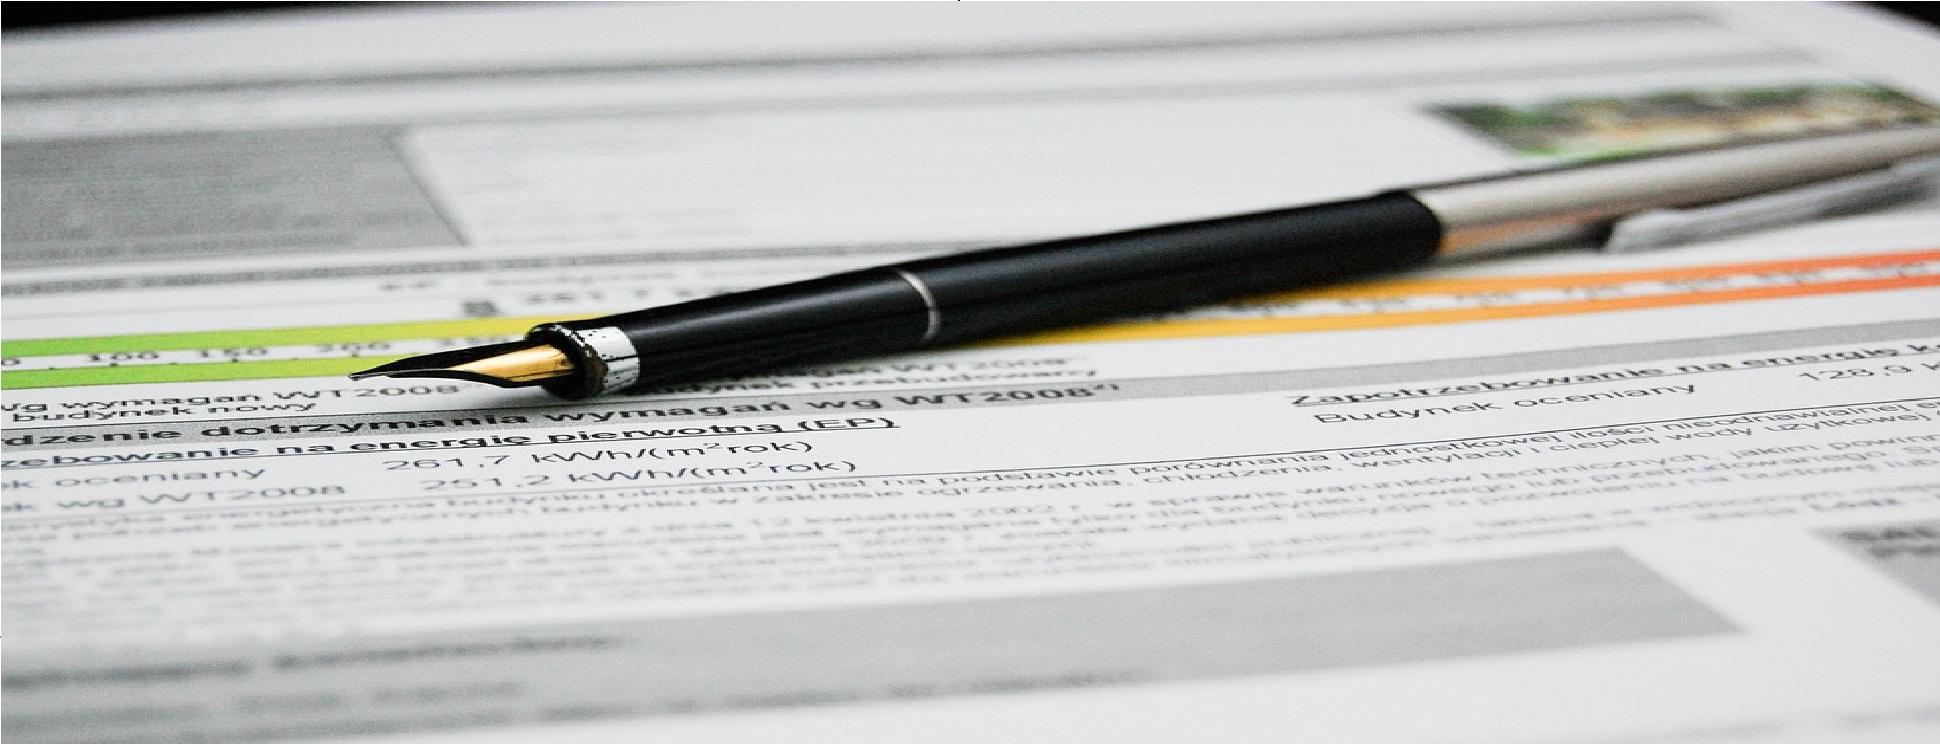 pen-428305_960_720